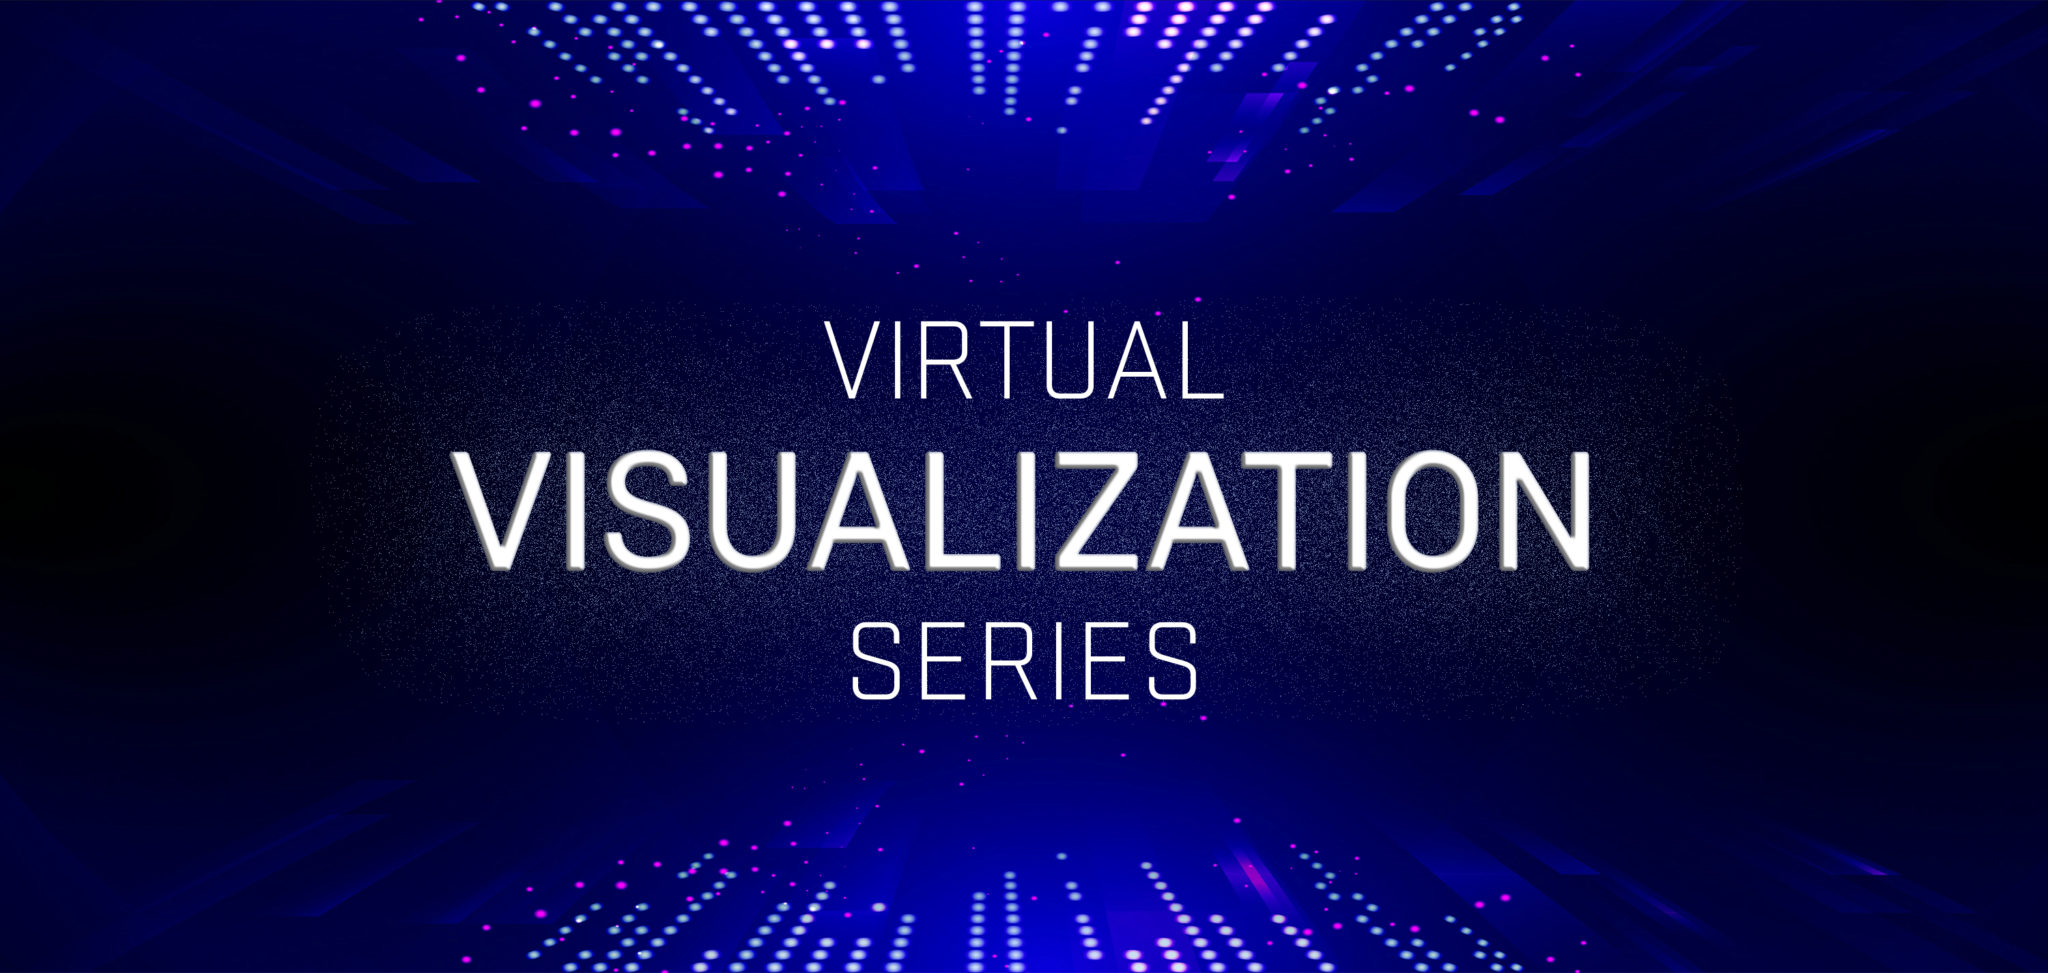 virtualvistitle2.jpg